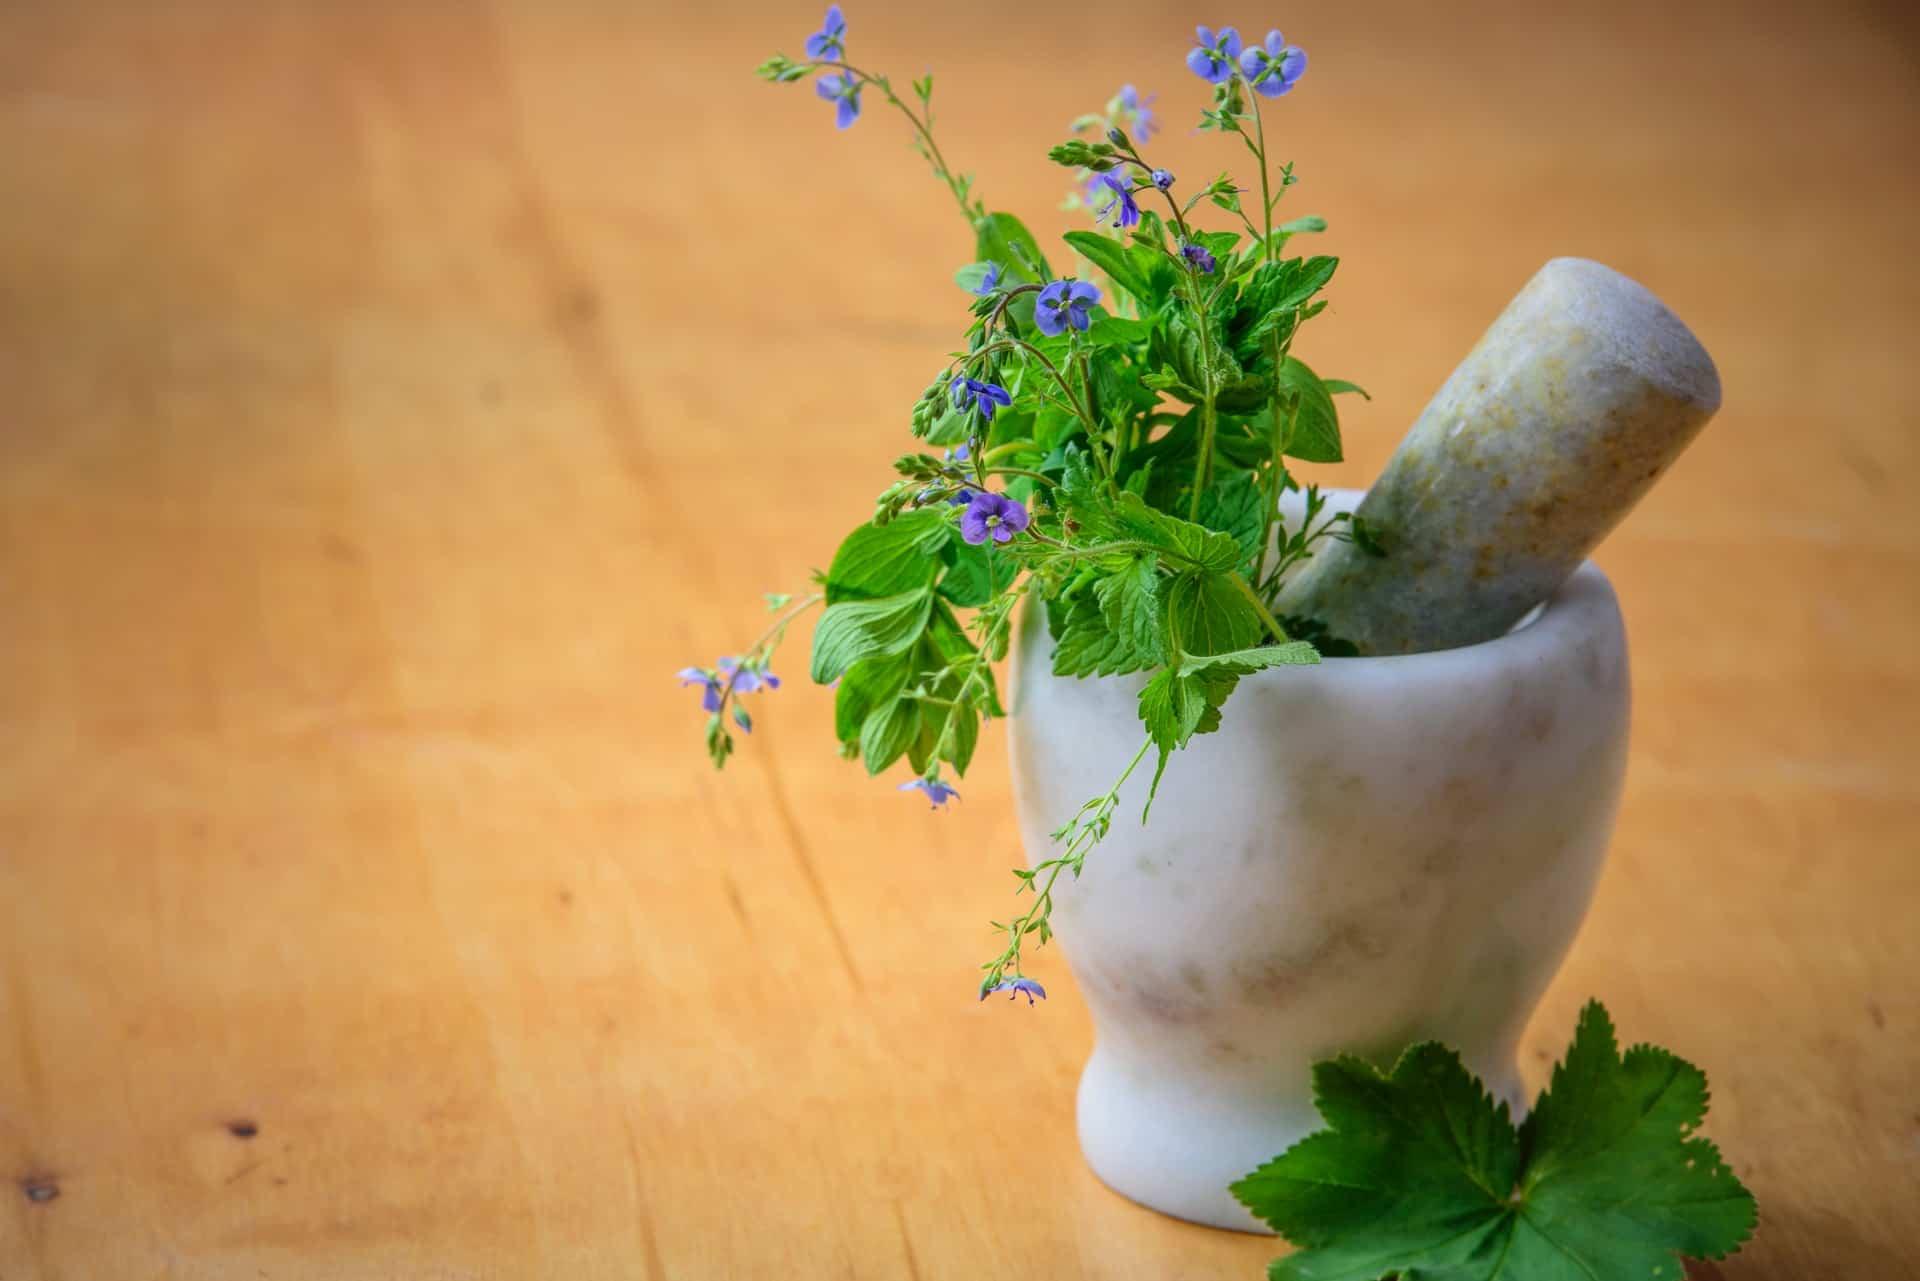 Pflanzenkunde vereint Tradition und High-Tech